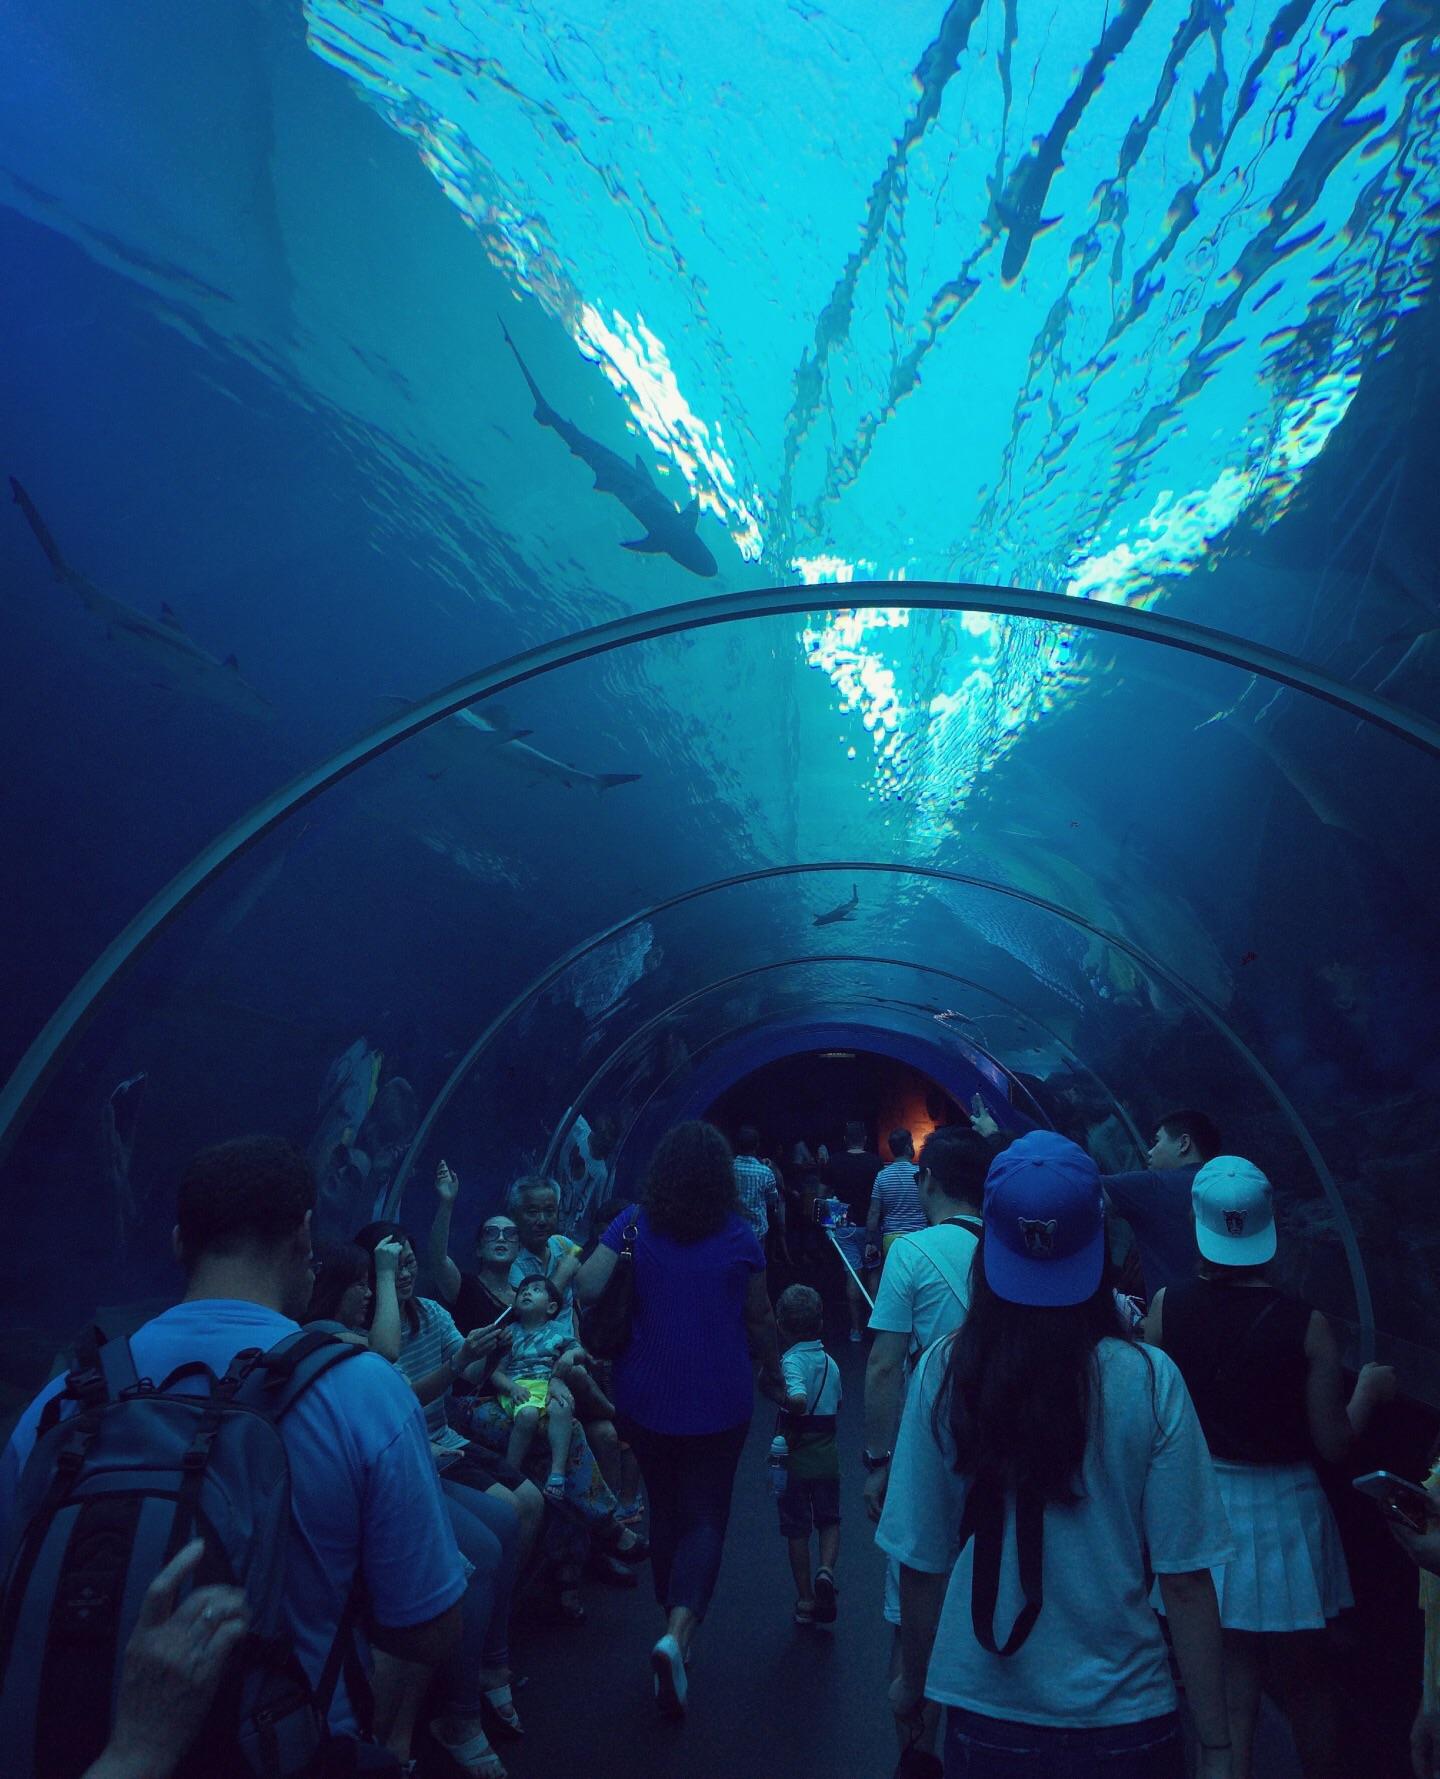 acquario di Singapore - galleria degli squali